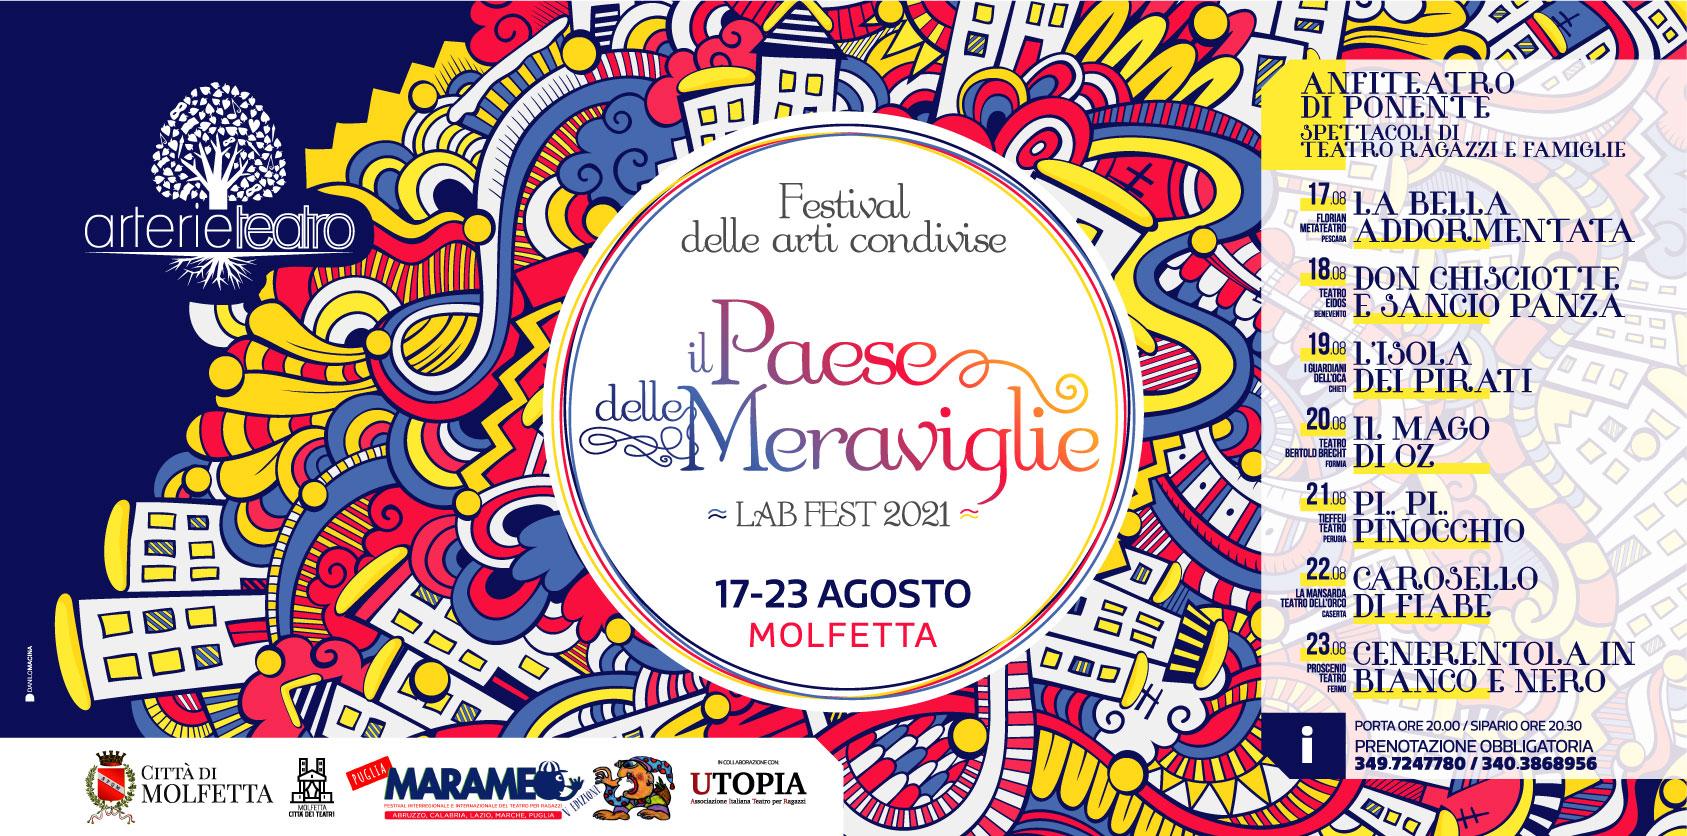 Il Paese delle Meraviglie 7^ ed. Marameo festival -2021-MOLFETTA - Arterie Teatro